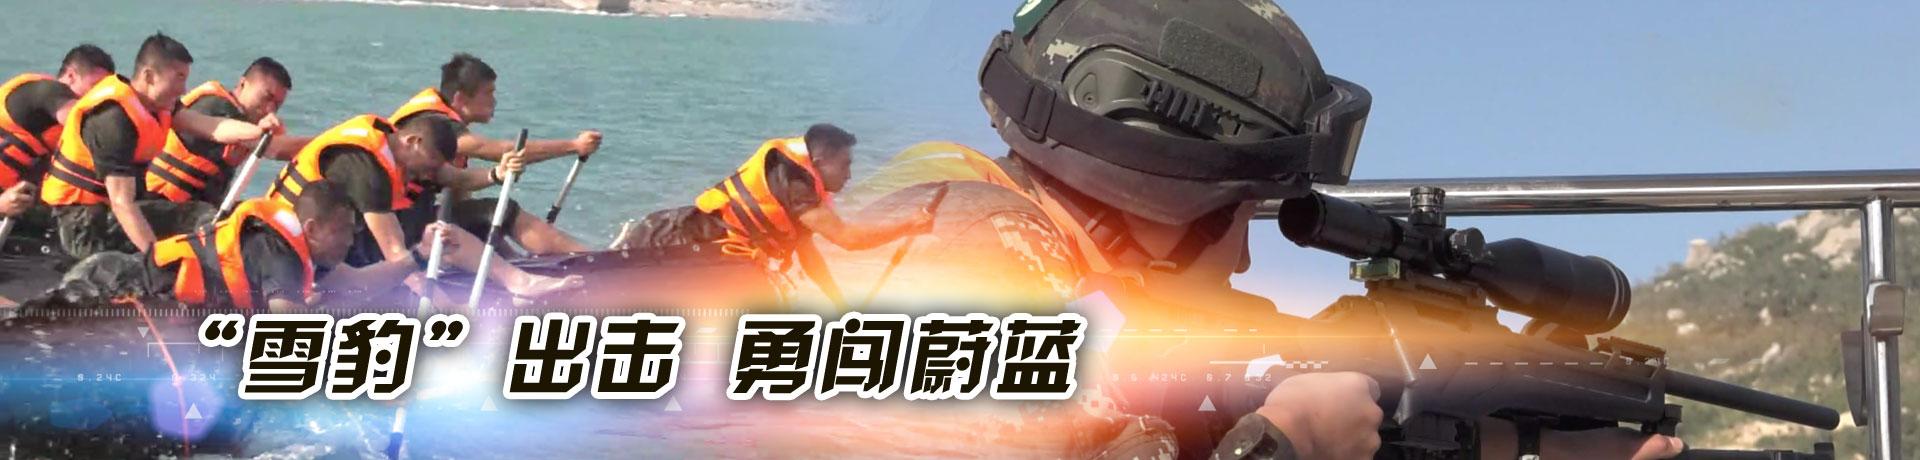 """【新春走基层 记者在战位】""""雪豹""""出击 勇闯蔚蓝"""